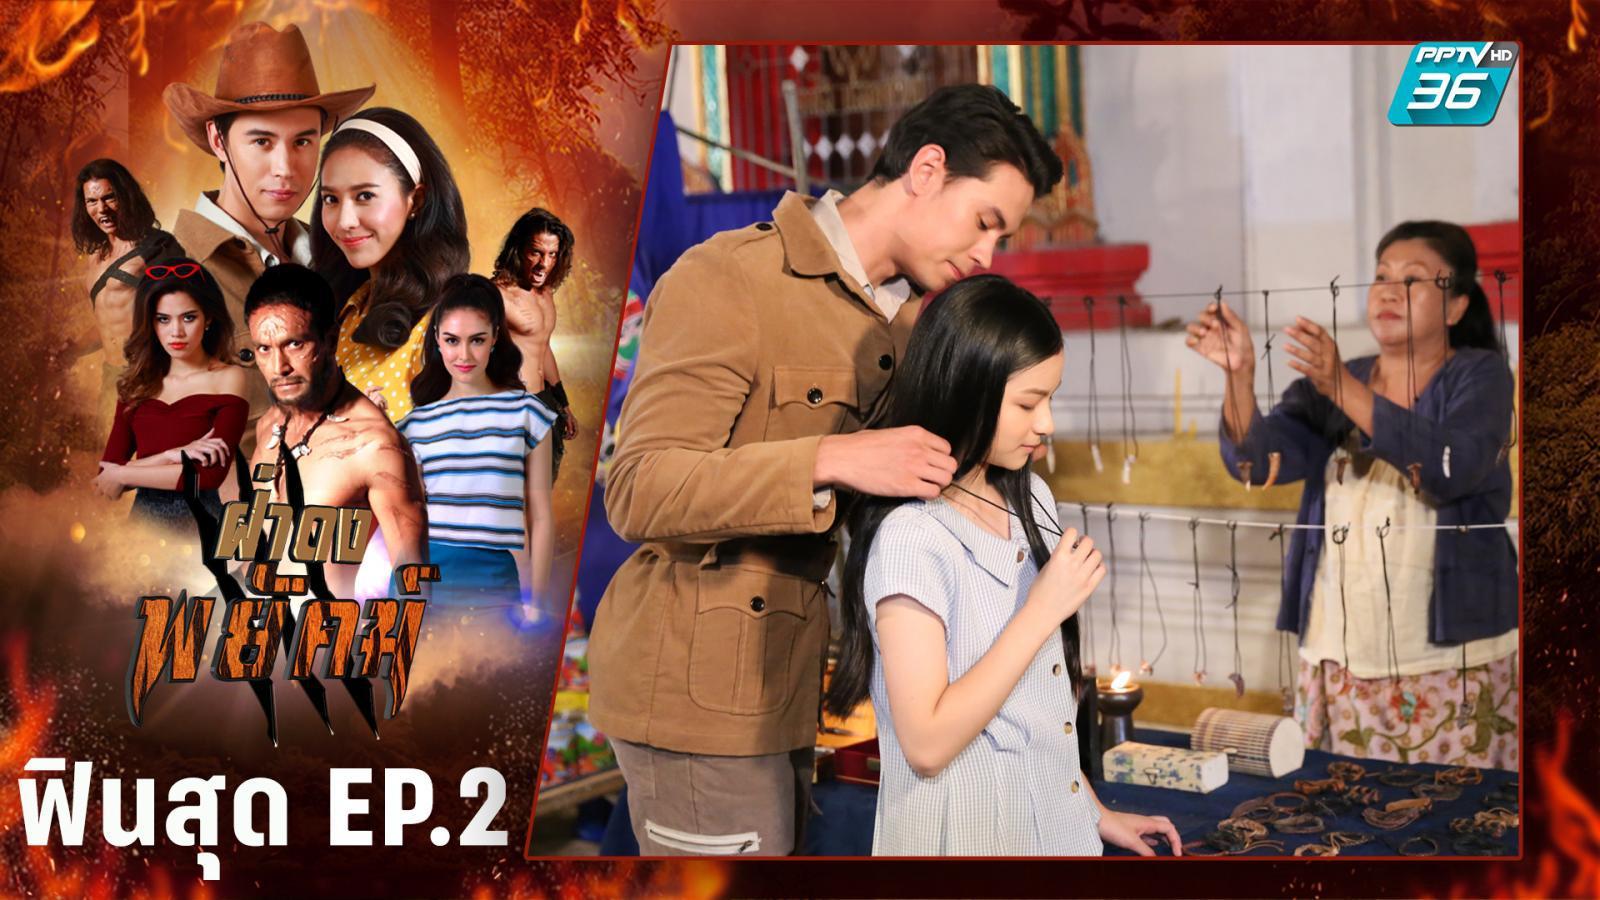 ฟินสุด | ฝ่าดงพยัคฆ์ EP.2 | PPTV HD 36